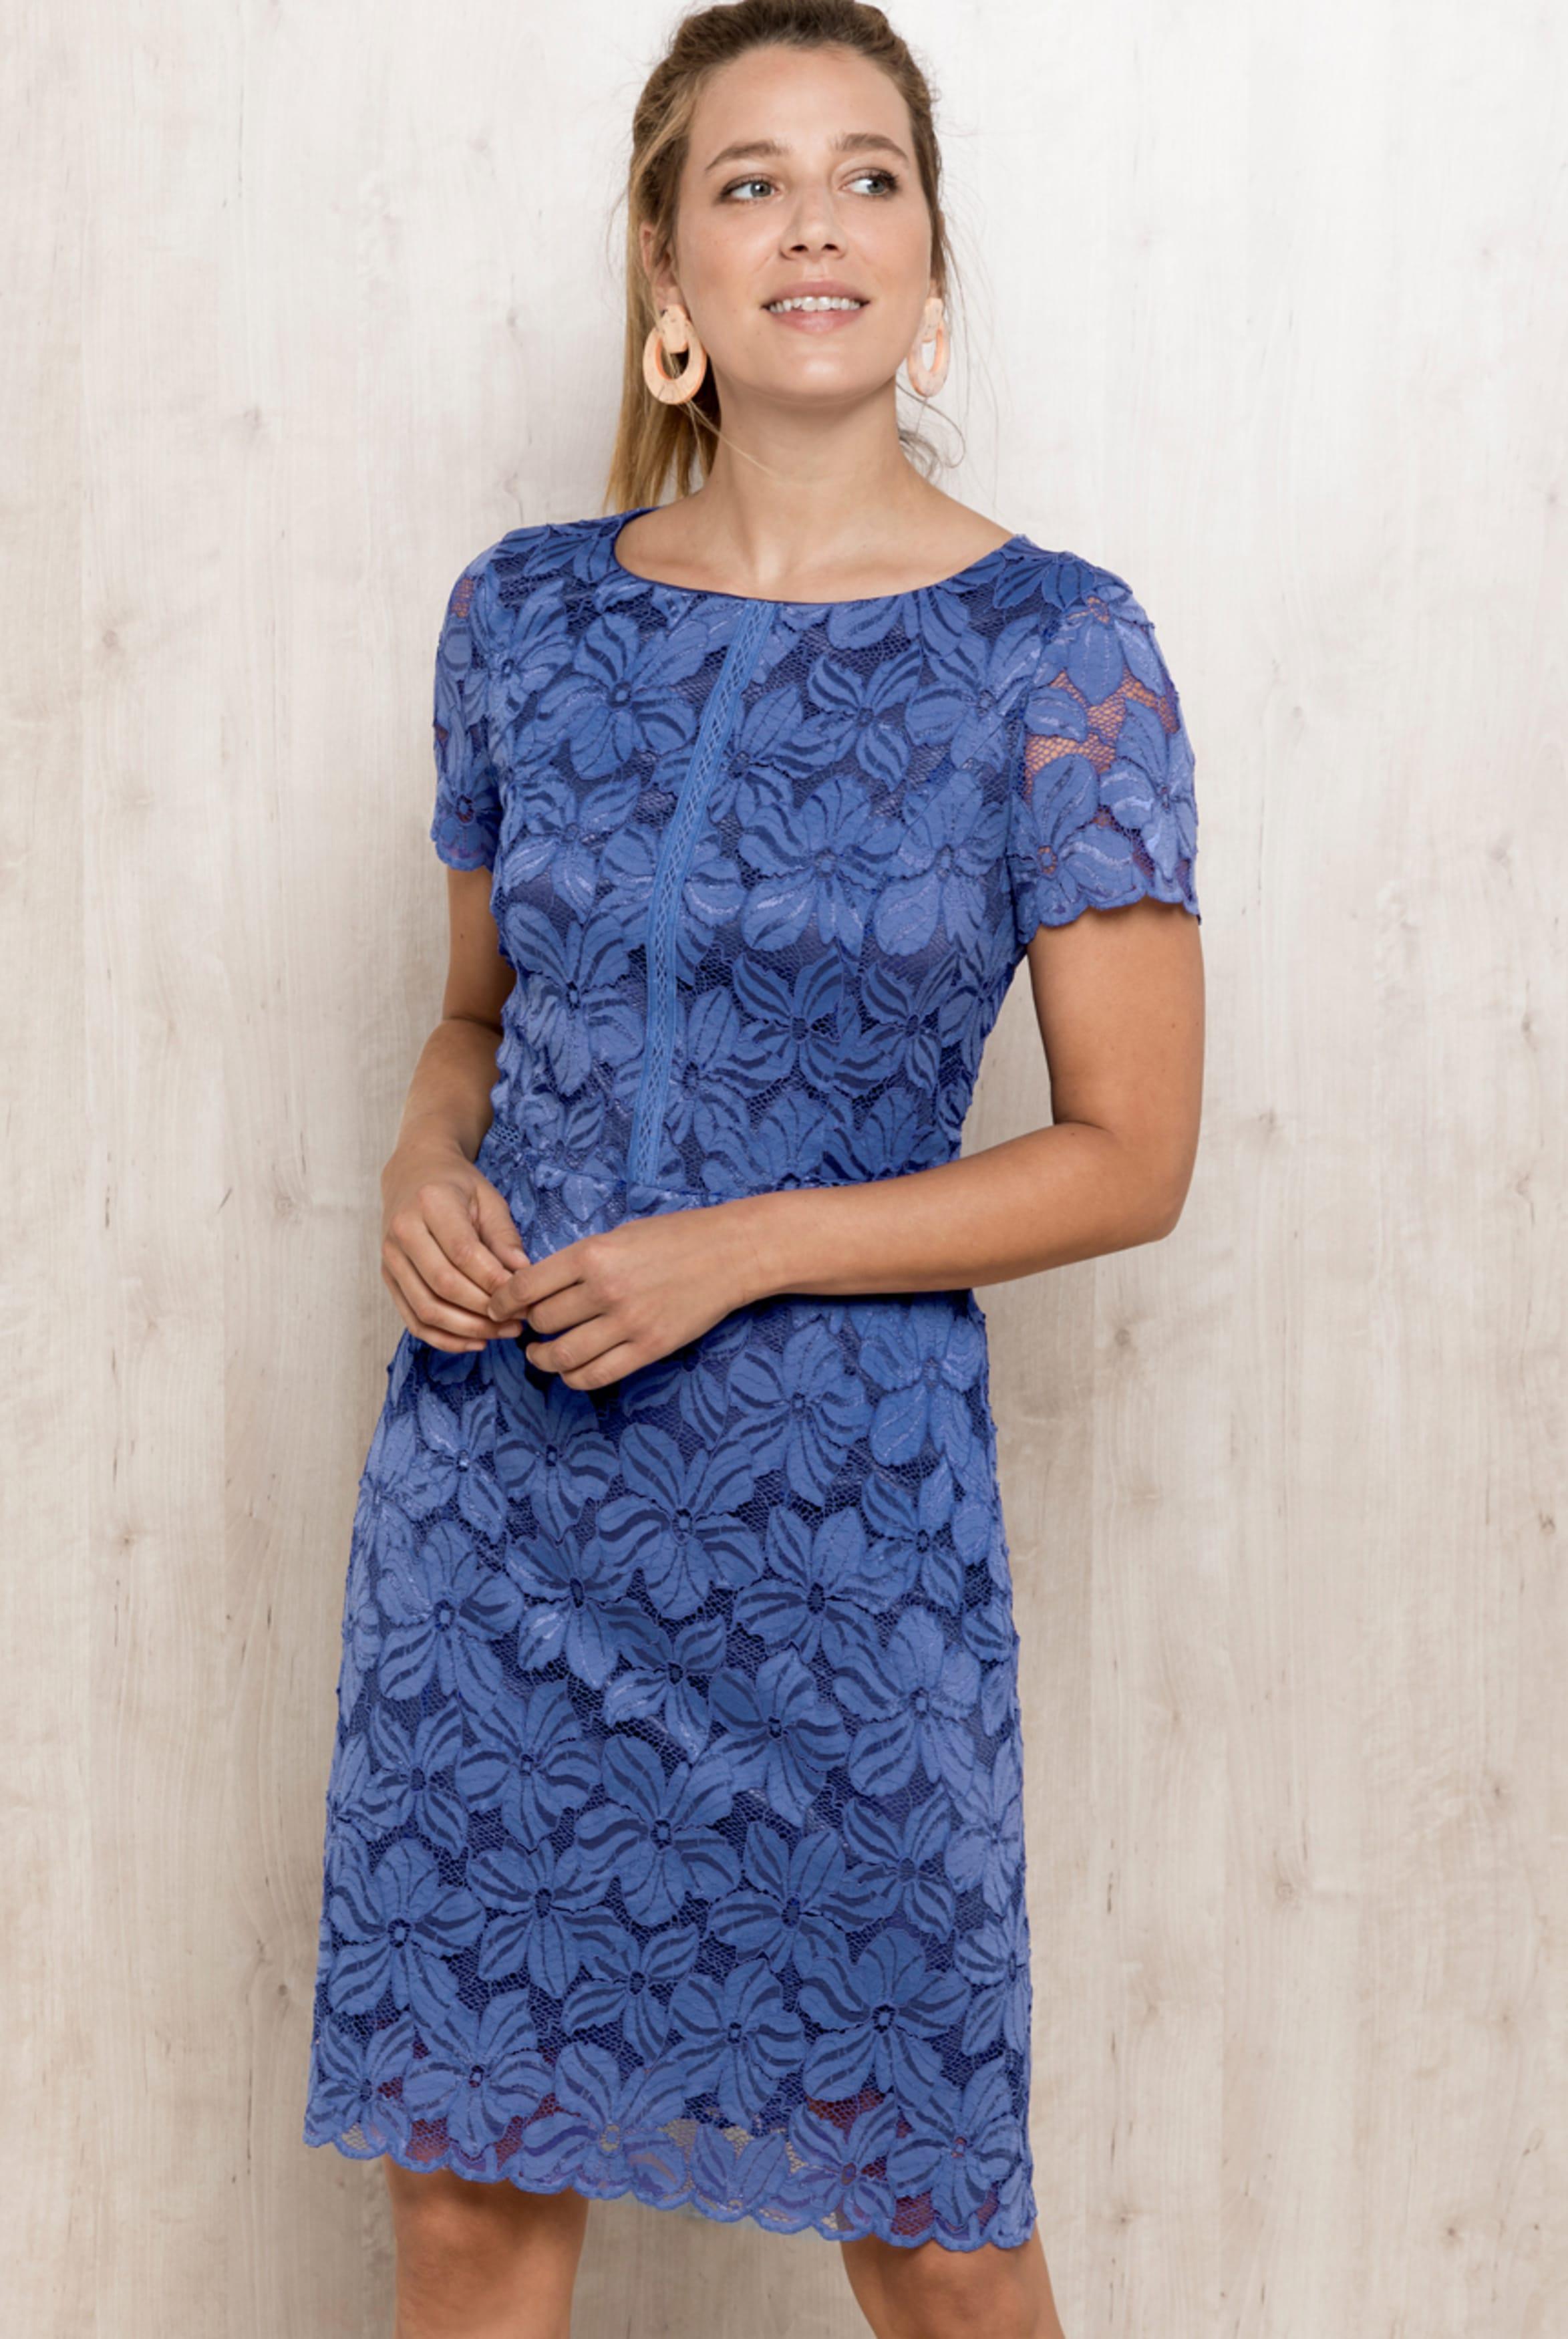 bianca -  Spitzenkleid DIVANA, im leicht figurbetonten Schnitt in french blue